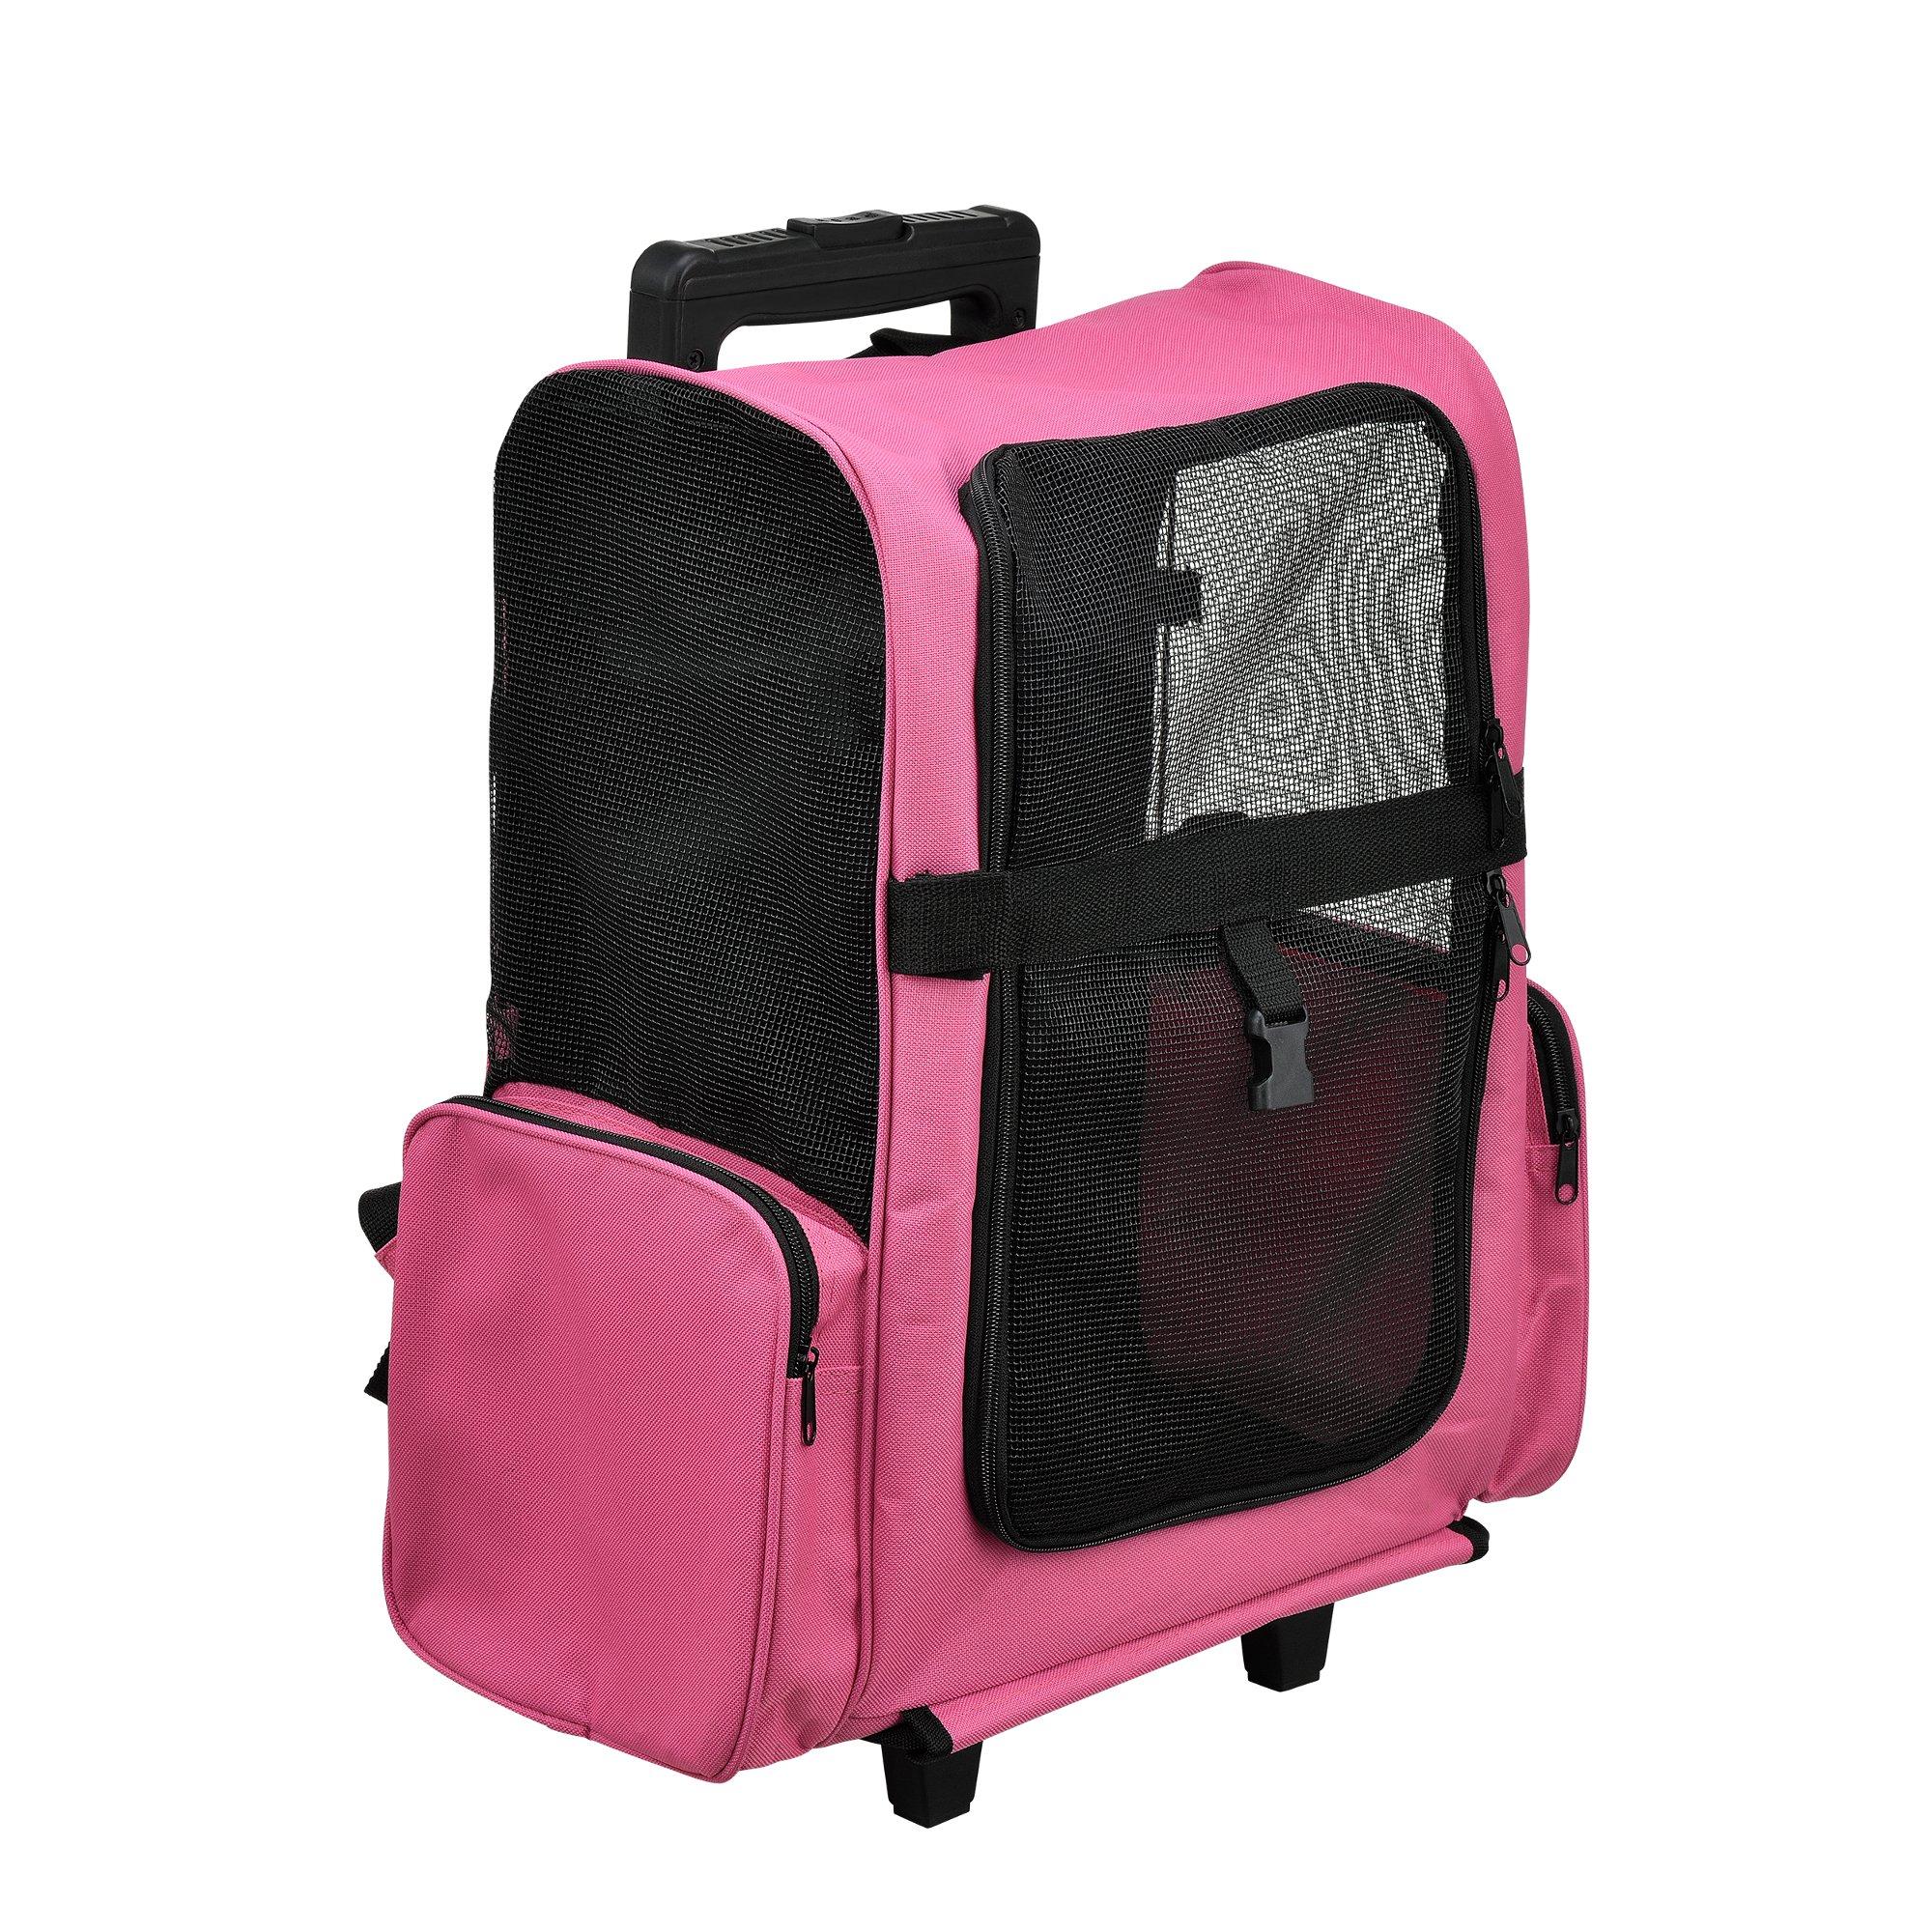 pro.tec] Mochila / carrito para perros 2 en 1 - transportín para perros y gatos (rosa) - con 4 ruedas: Amazon.es: Productos para mascotas